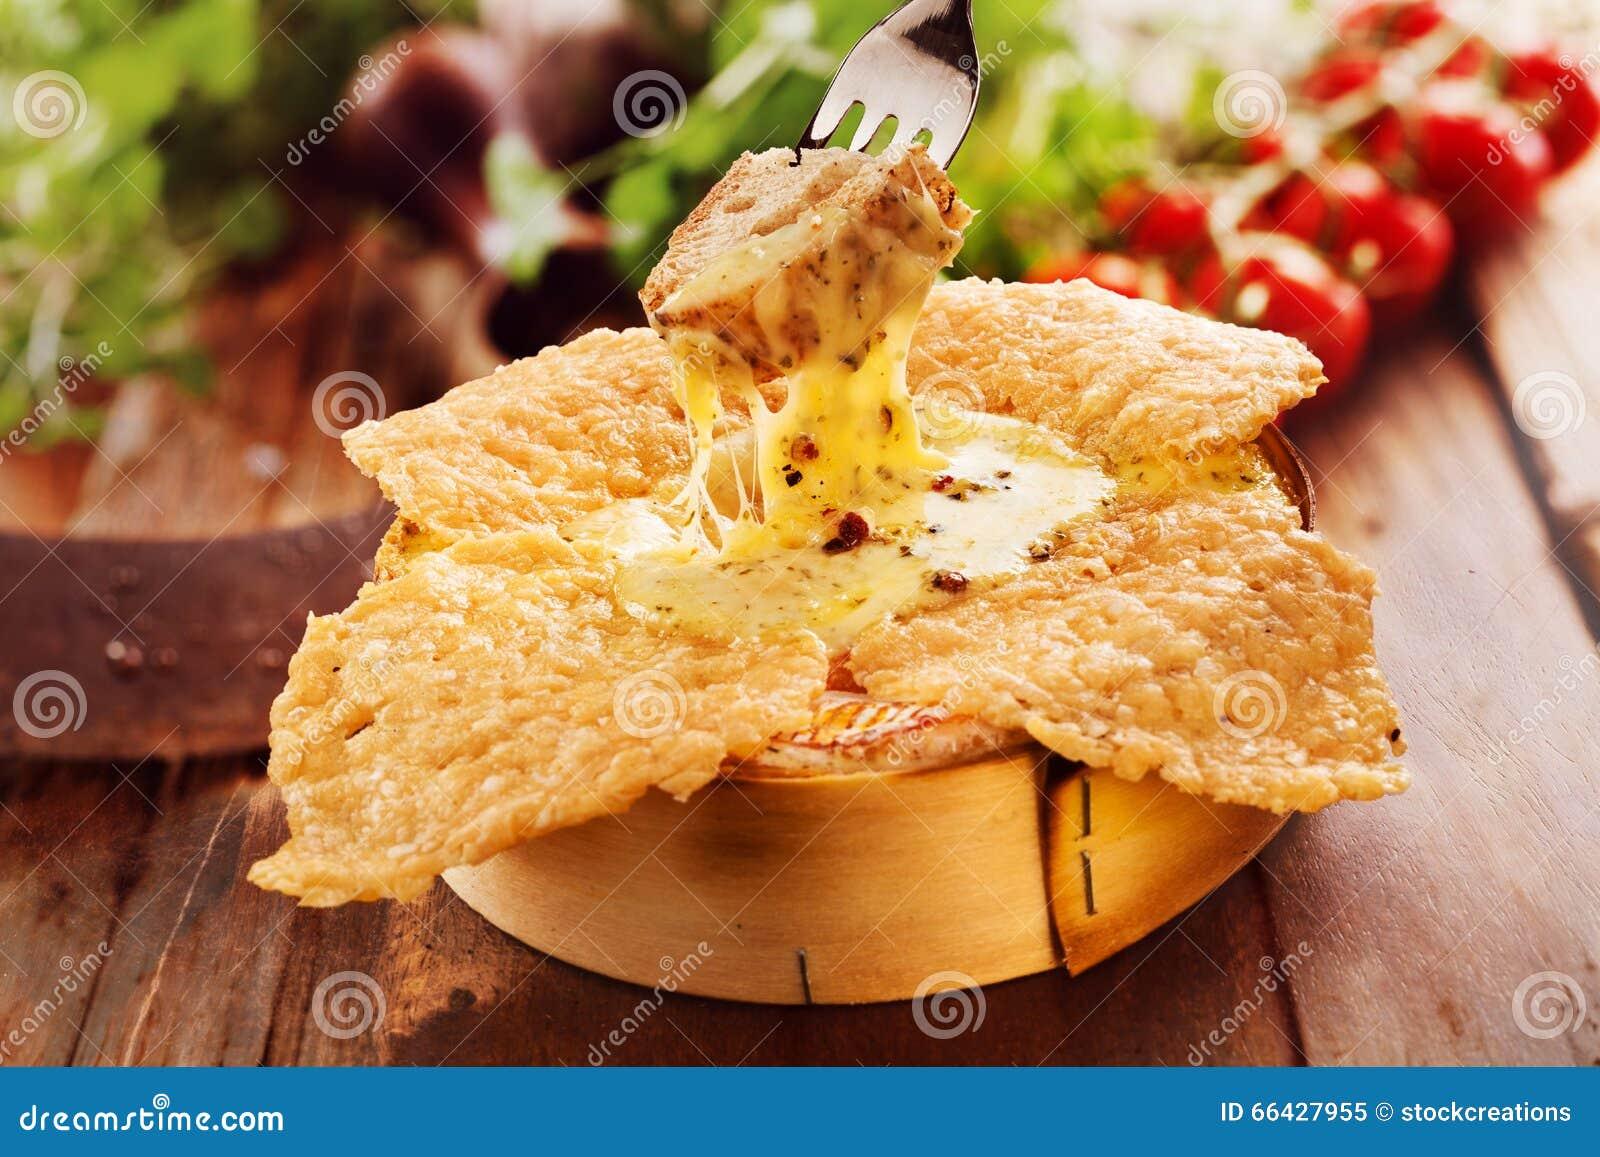 Τηγανισμένο ή camembert ψητού φούρνων τυριών εμβύθιση ειδικότητας που ψήνονται στη σχάρα,